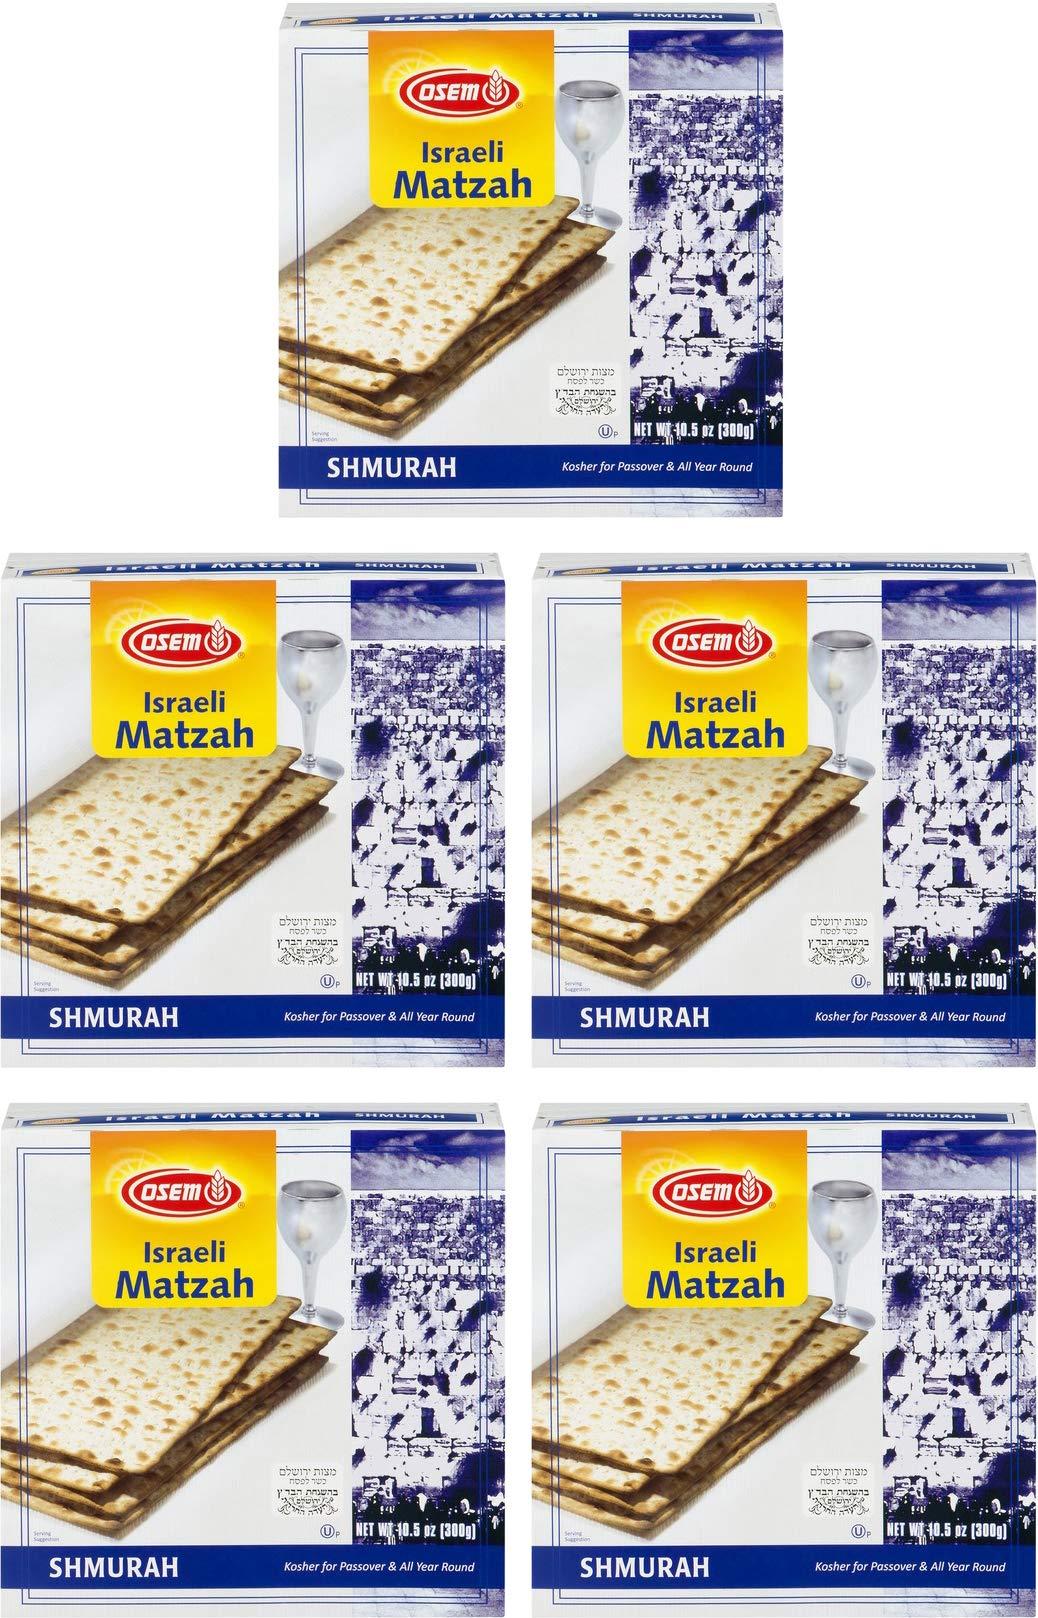 Osem Shmurah Matzah, Kosher For Passover Israel Matzos, 10.5 oz (Pack of 5)